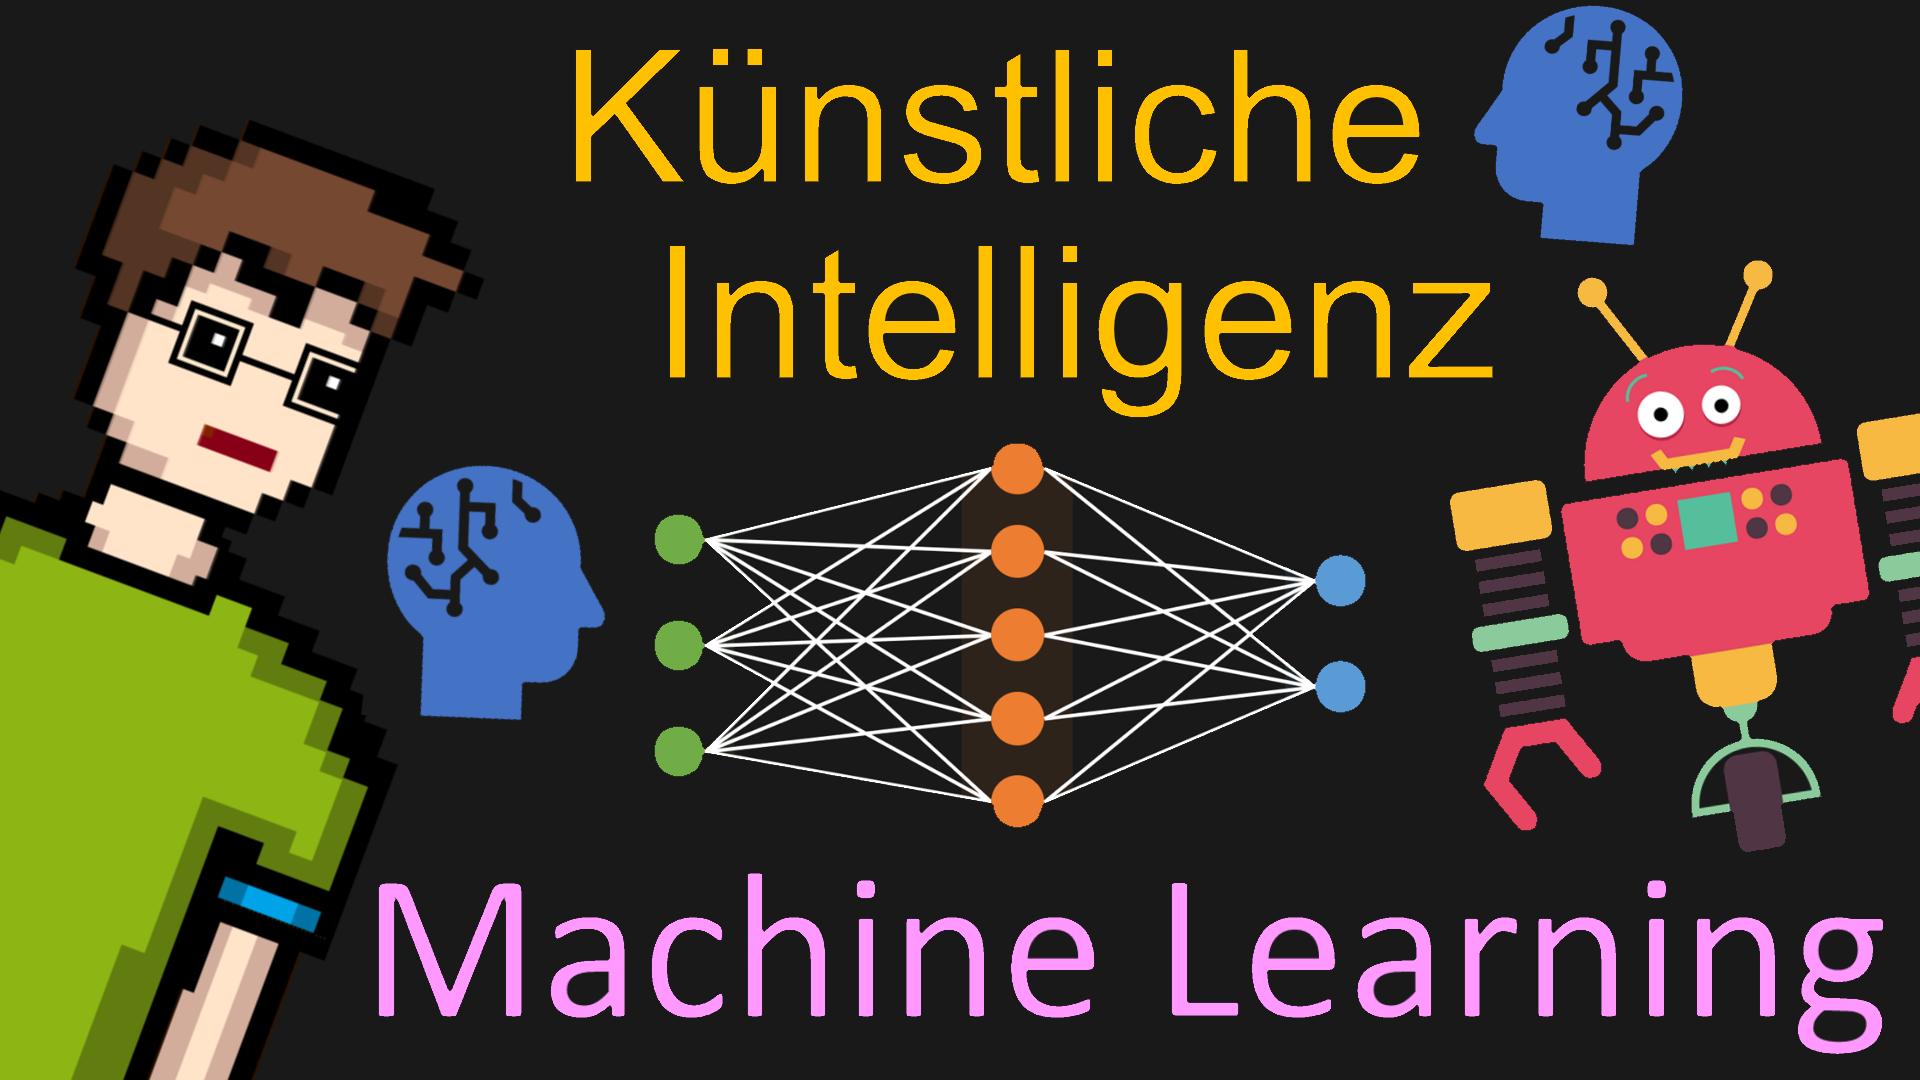 KÜNSTLICHE INTELLIGENZ vs. MACHINE LEARNING vs. DEEP LEARNING